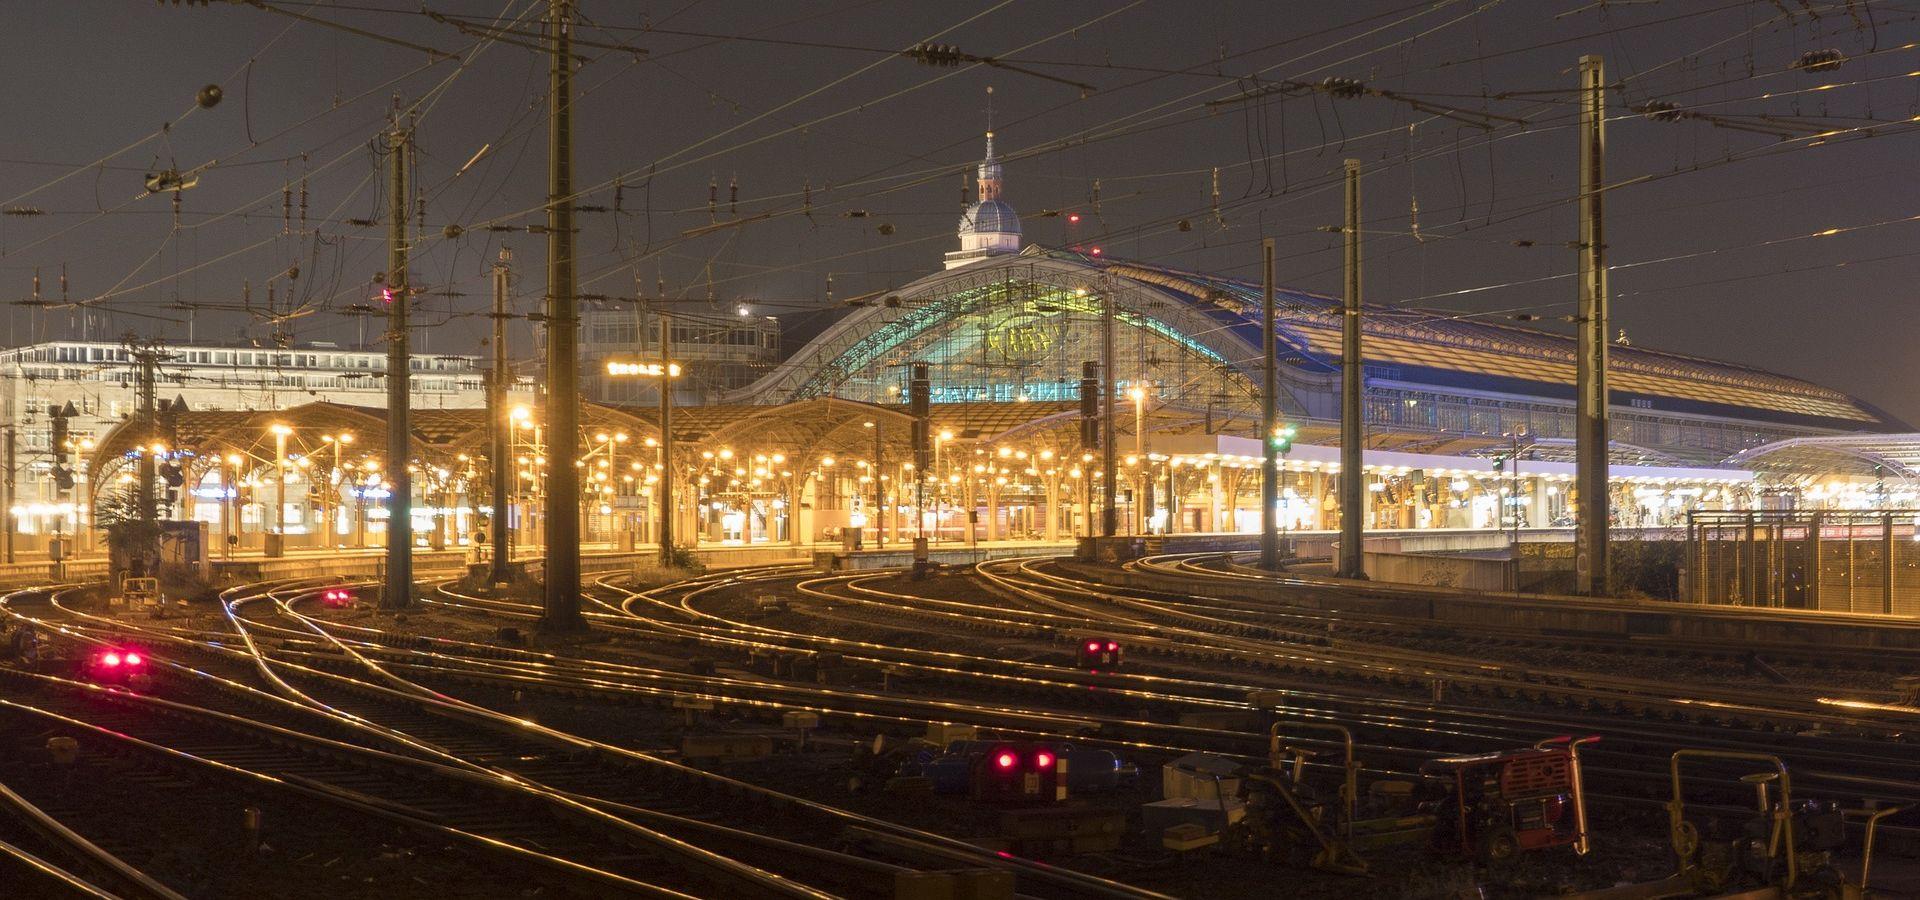 LAŽNA UZBUNA Policija evakuirala kolodvor u Kölnu nakon dojave o bombi